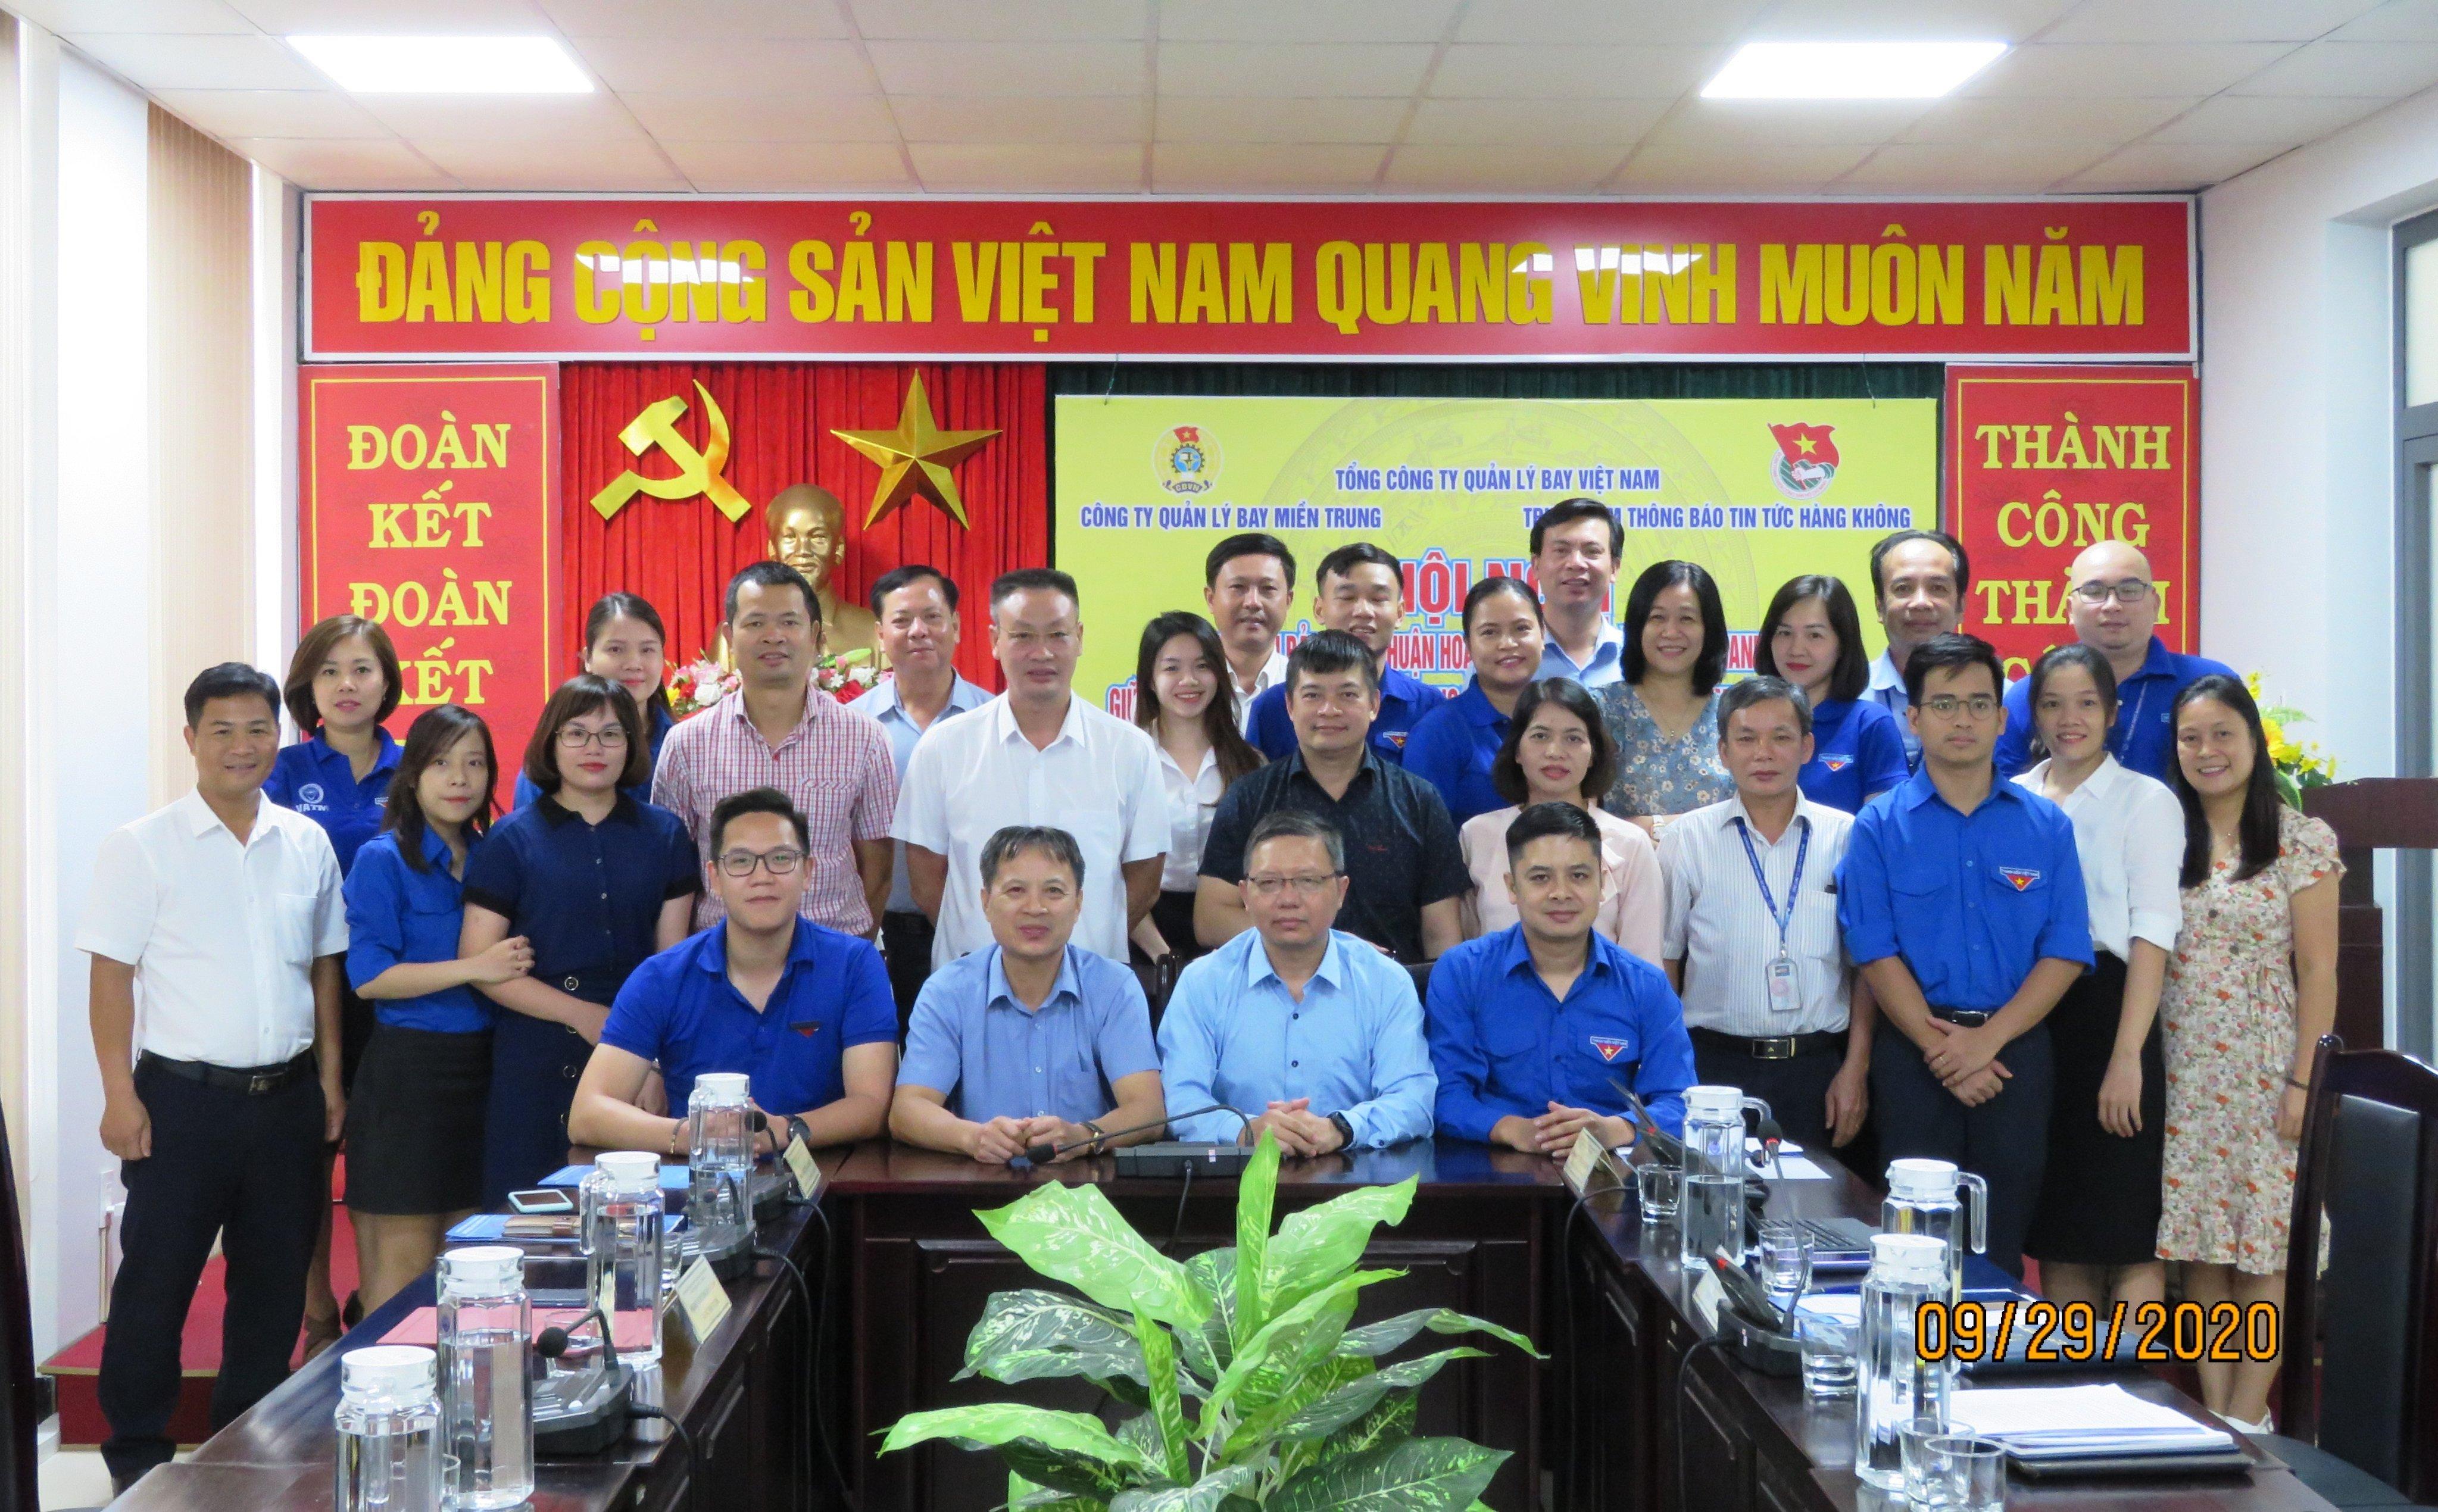 Ký kết Thỏa thuận phối hợp hoạt động Công đoàn và Đoàn Thanh niên giữa Công ty Quản lý bay miền Trung và Trung tâm Thông báo tin tức hàng không